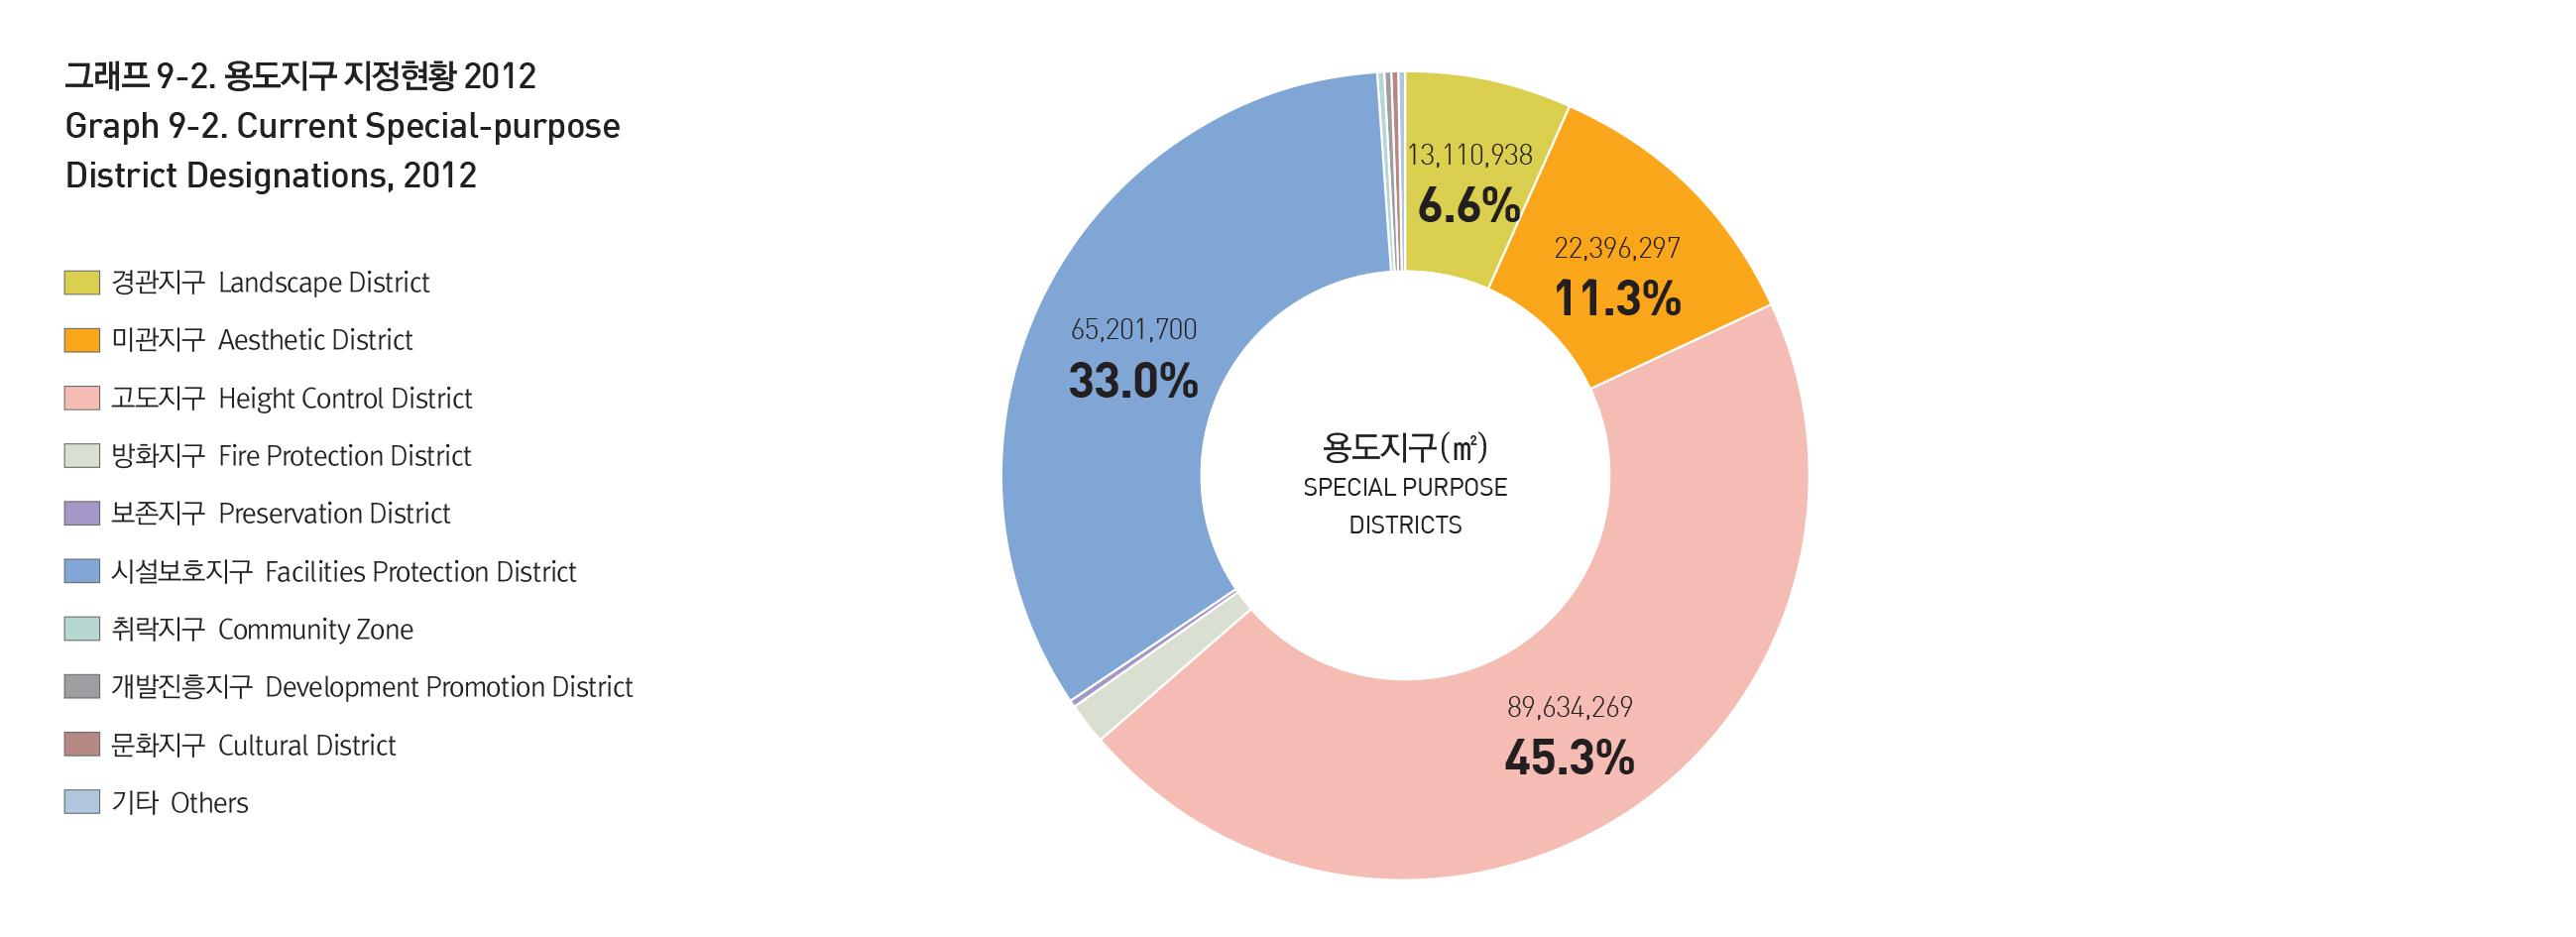 2012년 용도지구 지정현황을 보여주는 원그래프 입니다. 상세데이터는 아래 파일 링크를 통해 다운로드 할 수 있습니다.